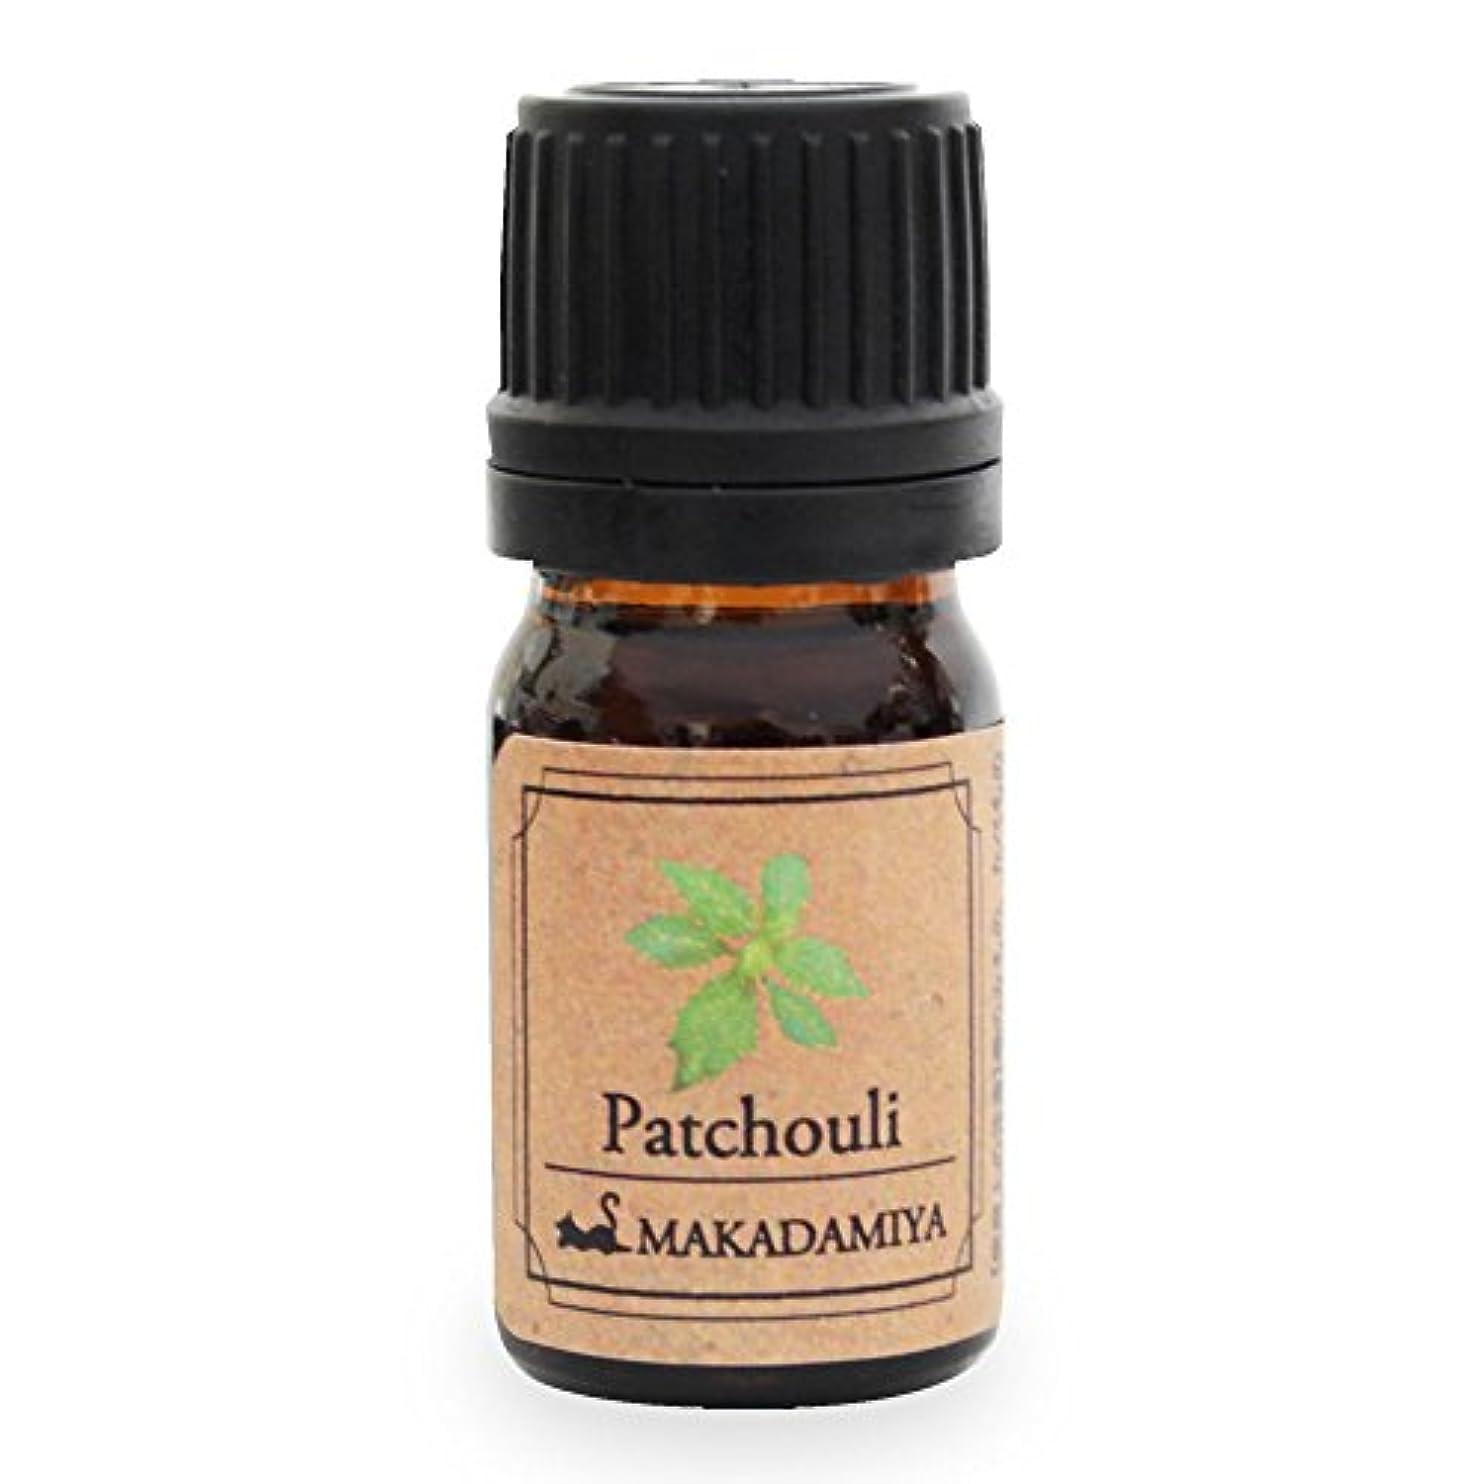 プロットタオル被害者パチュリ5ml 天然100%植物性 エッセンシャルオイル(精油) アロマオイル アロママッサージ aroma Patchouli